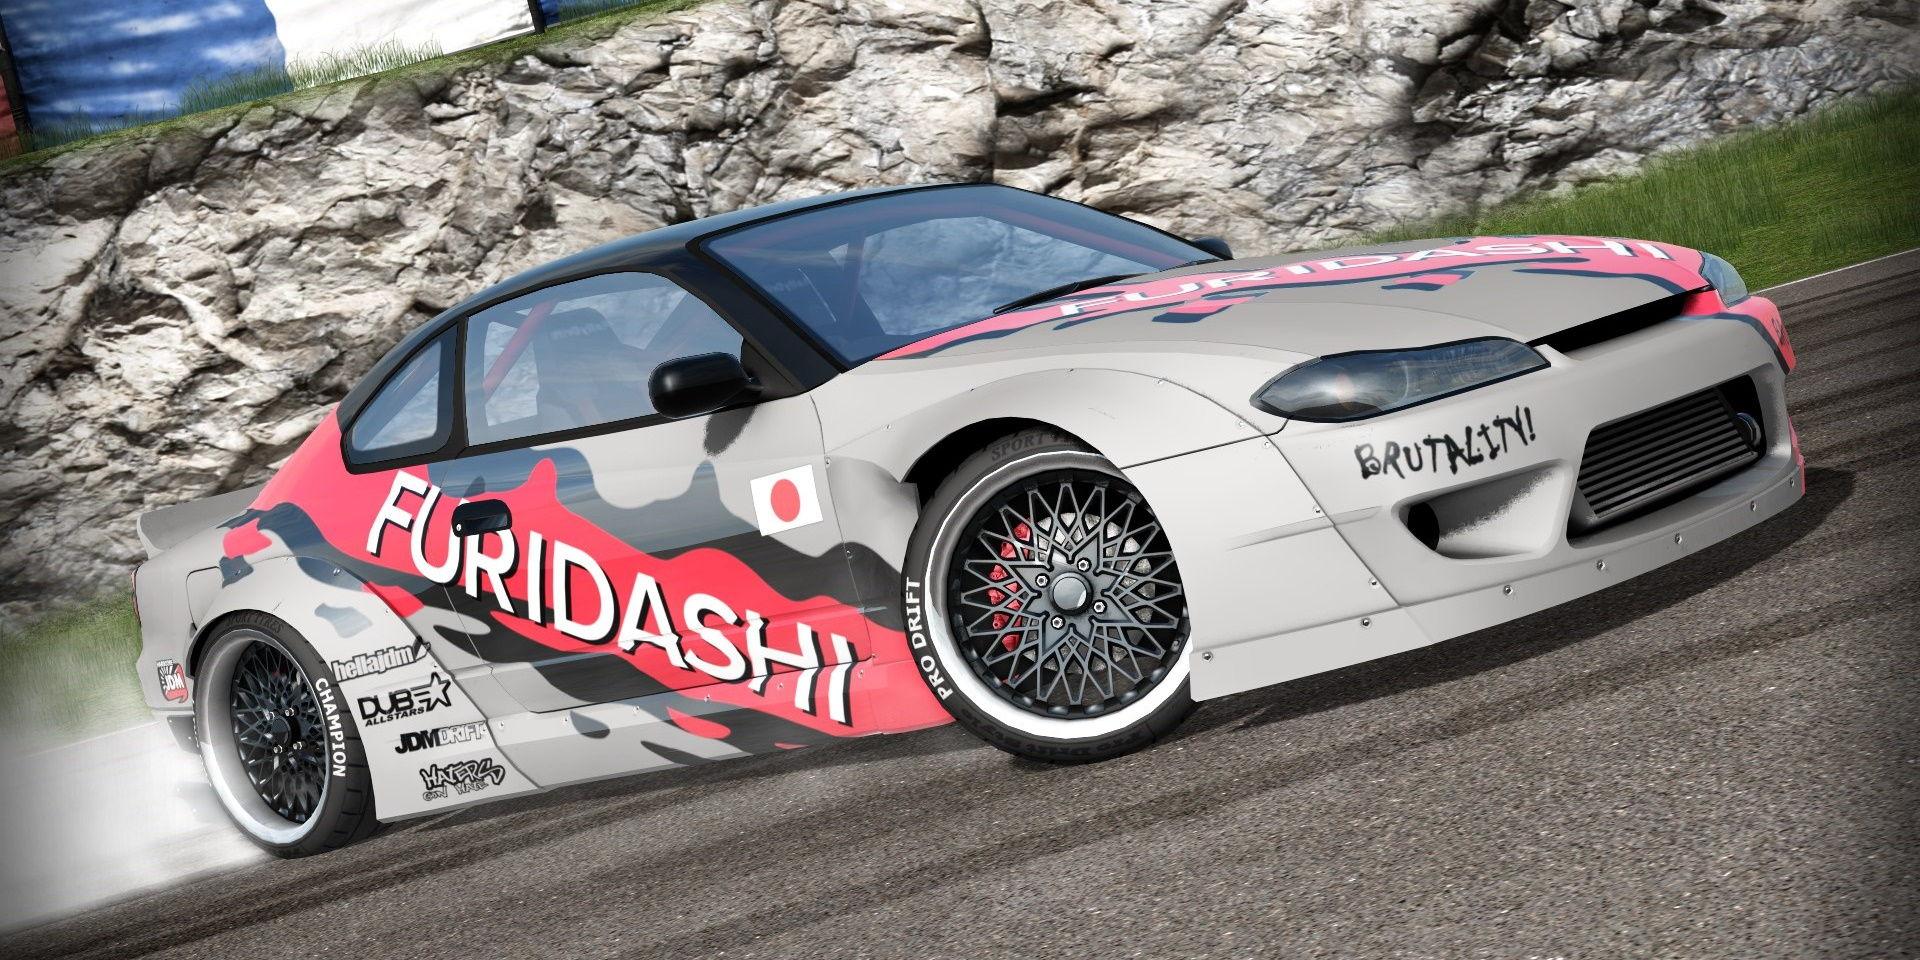 Картинки по запросу FURIDASHI: Drift Cyber Sport